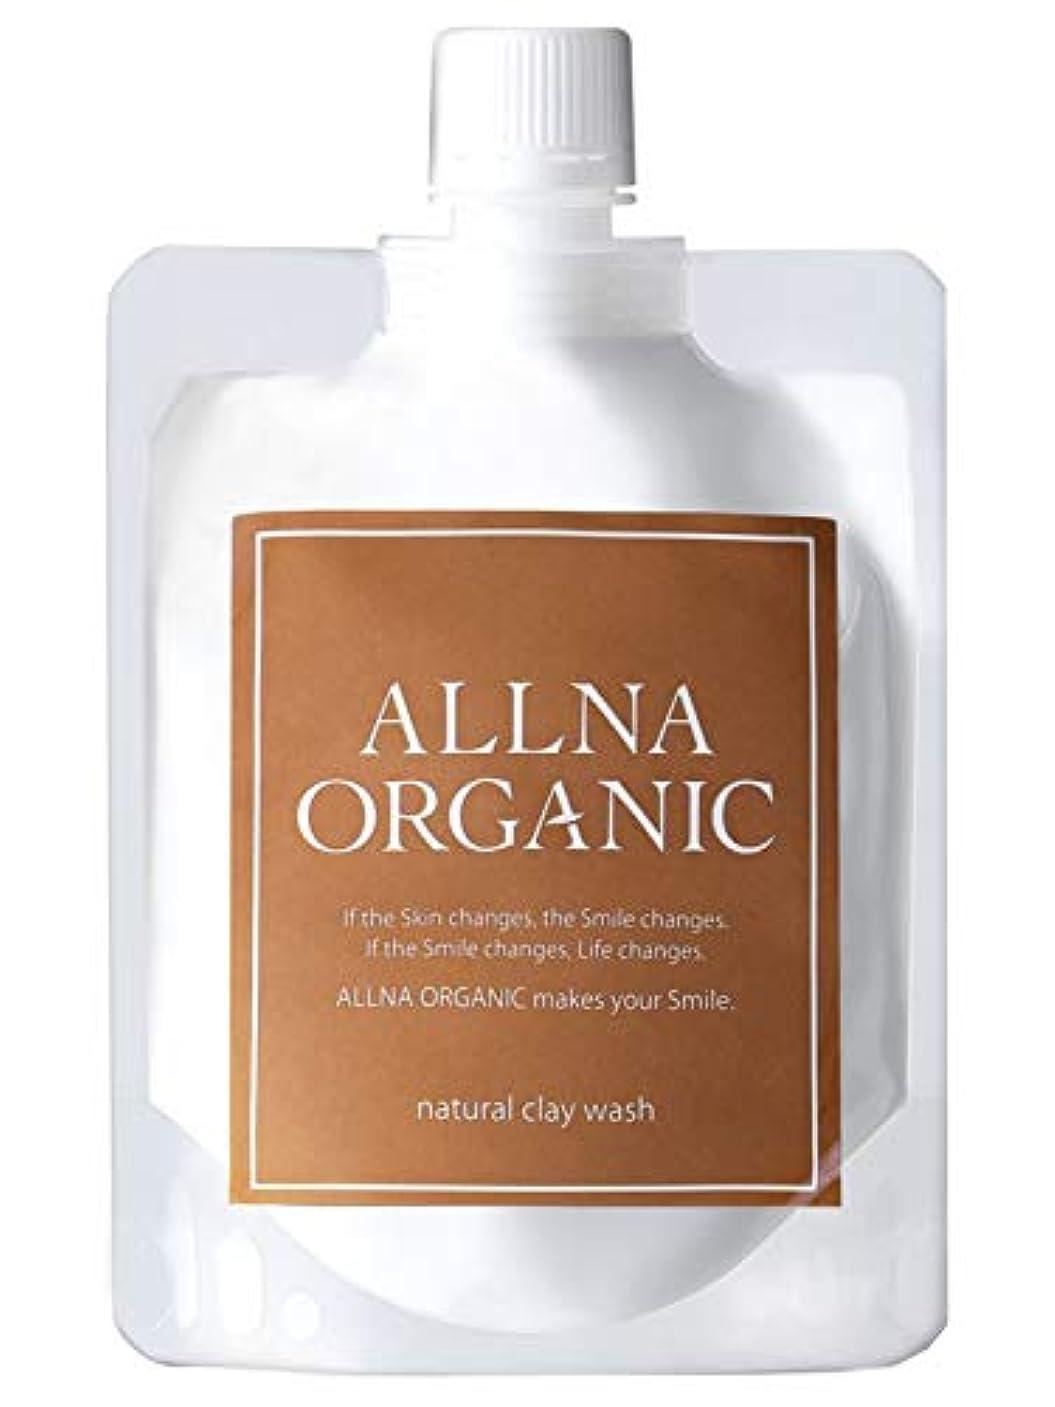 ステッチ超えて記述するオルナ オーガニック 泥 洗顔 「 毛穴 開き 黒ずみ 用」「 泡 ネット 付き」「 コラーゲン 3種類 + ヒアルロン酸 4種類 + ビタミンC 4種類 + セラミド 配合」 130g